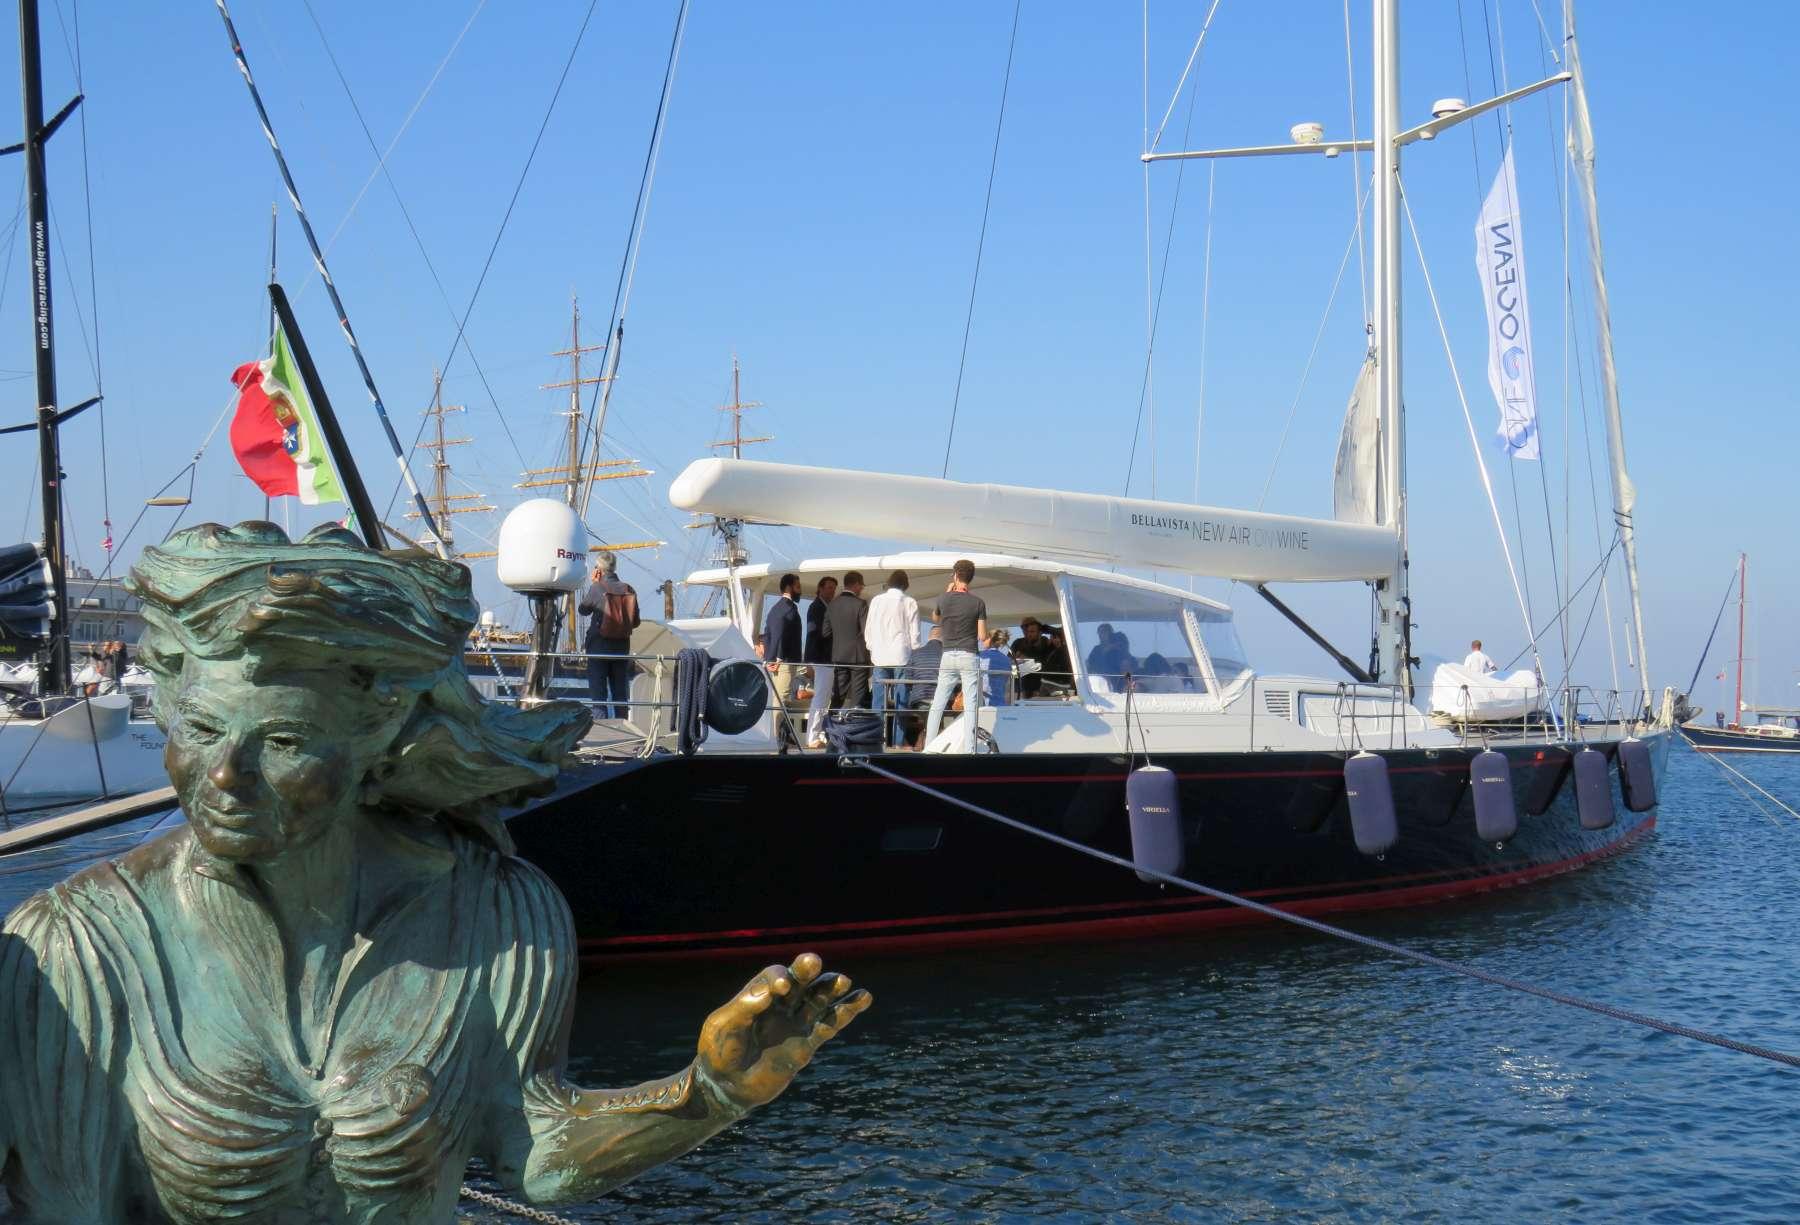 One Ocean Foundation e Barcolana insieme sul S/Y Viriella - NEWS - Yacht Club Costa Smeralda